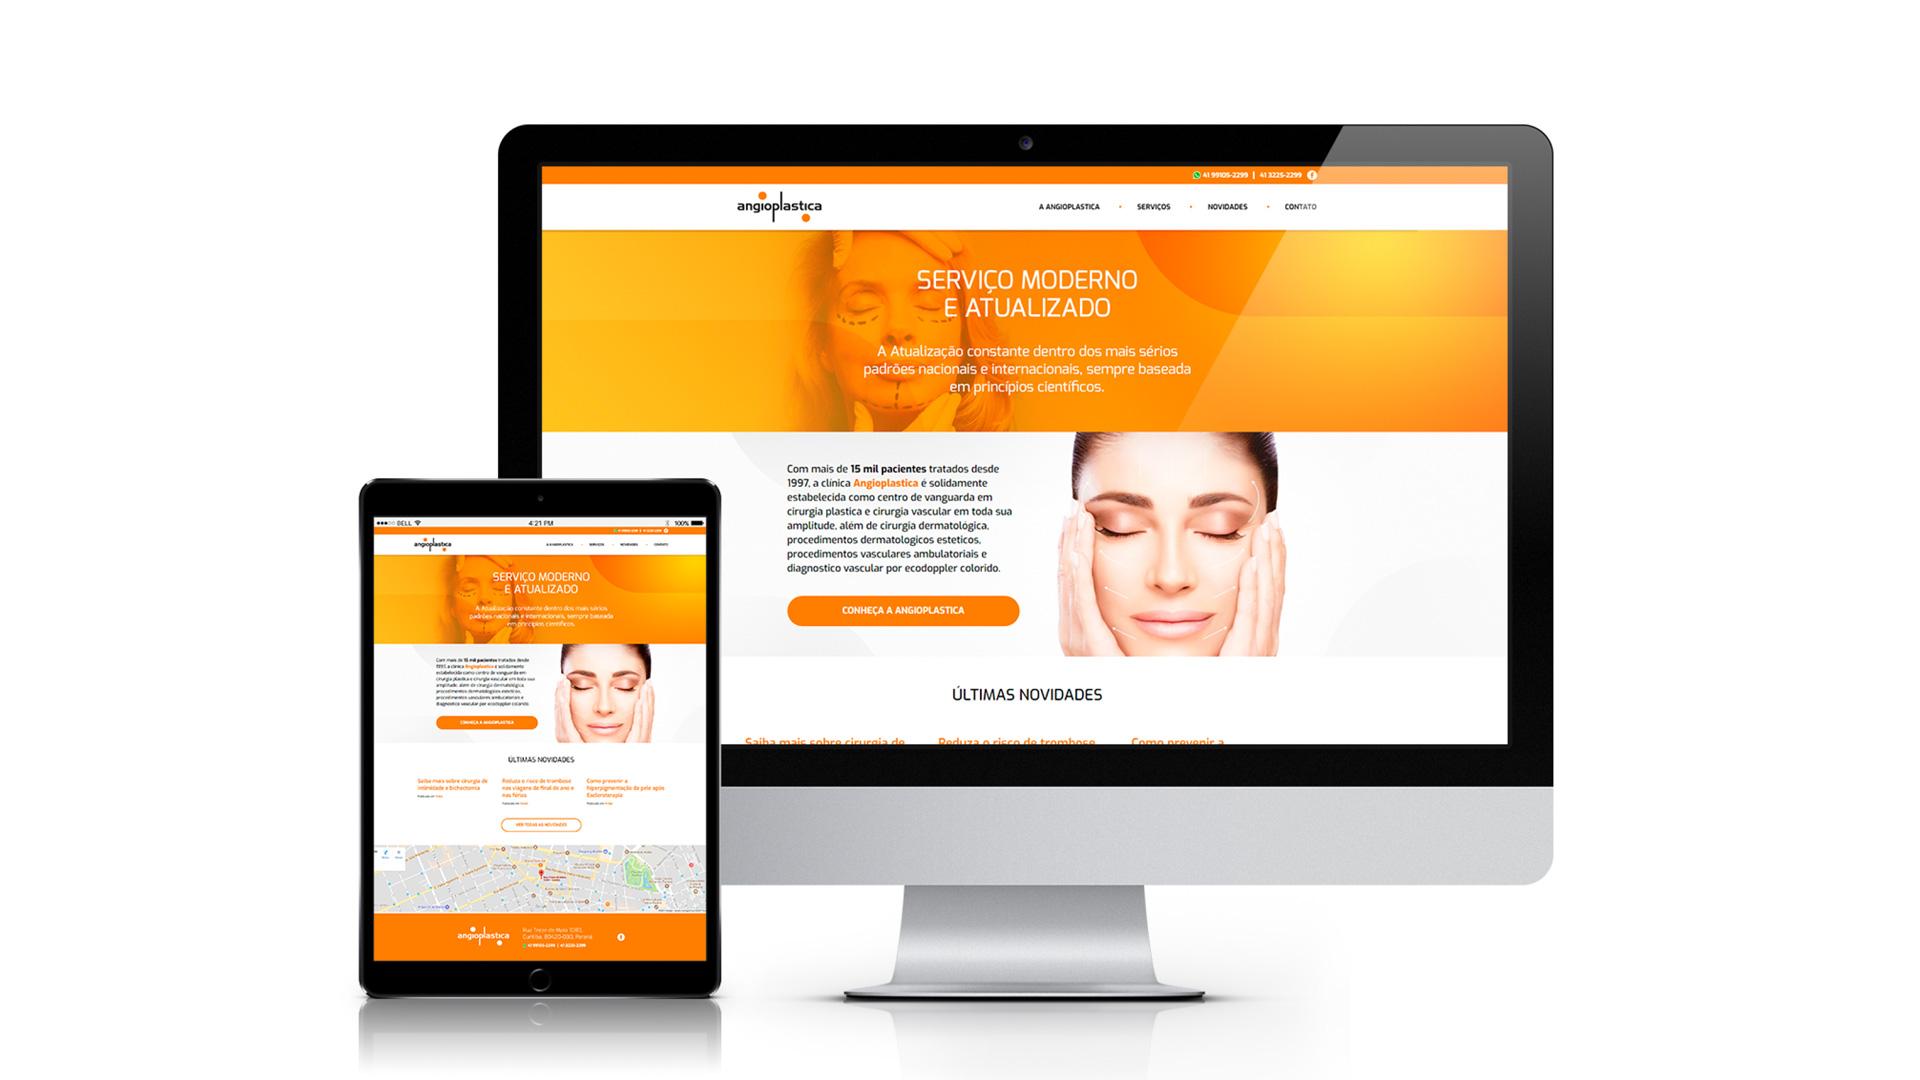 parolaconteudo_portfolio_webdesign_angioplastica